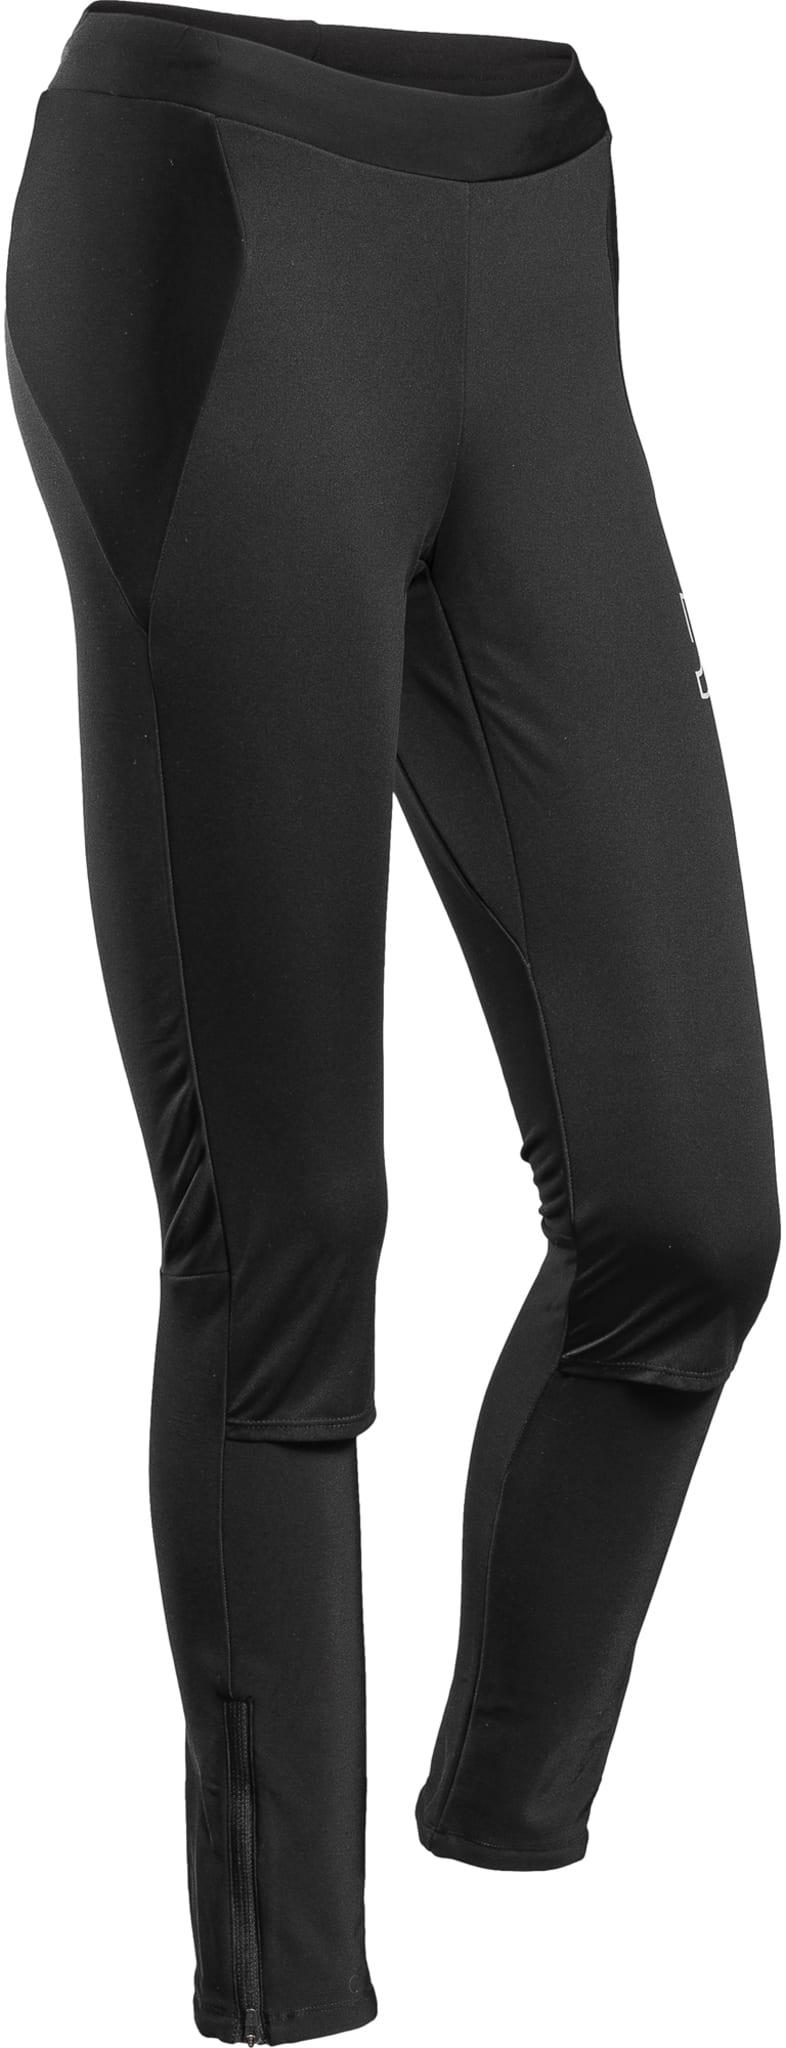 Concept Pants